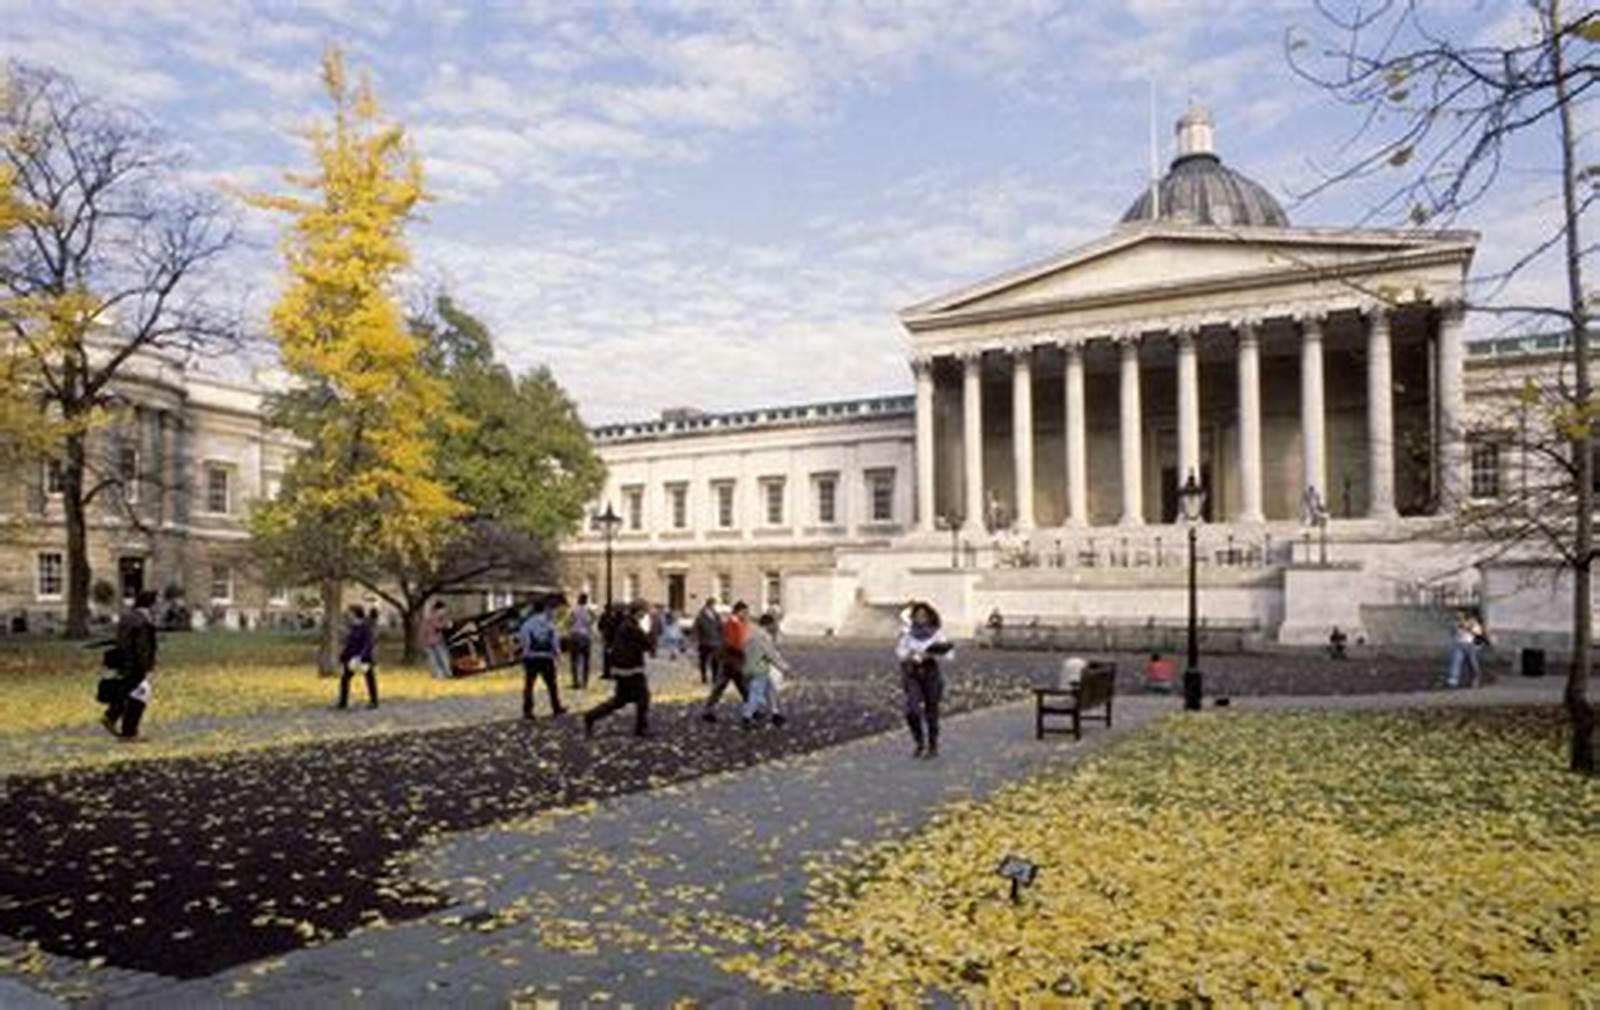 2019英国读硕士要花多钱?伦敦大学学院UCL硕士学费清单